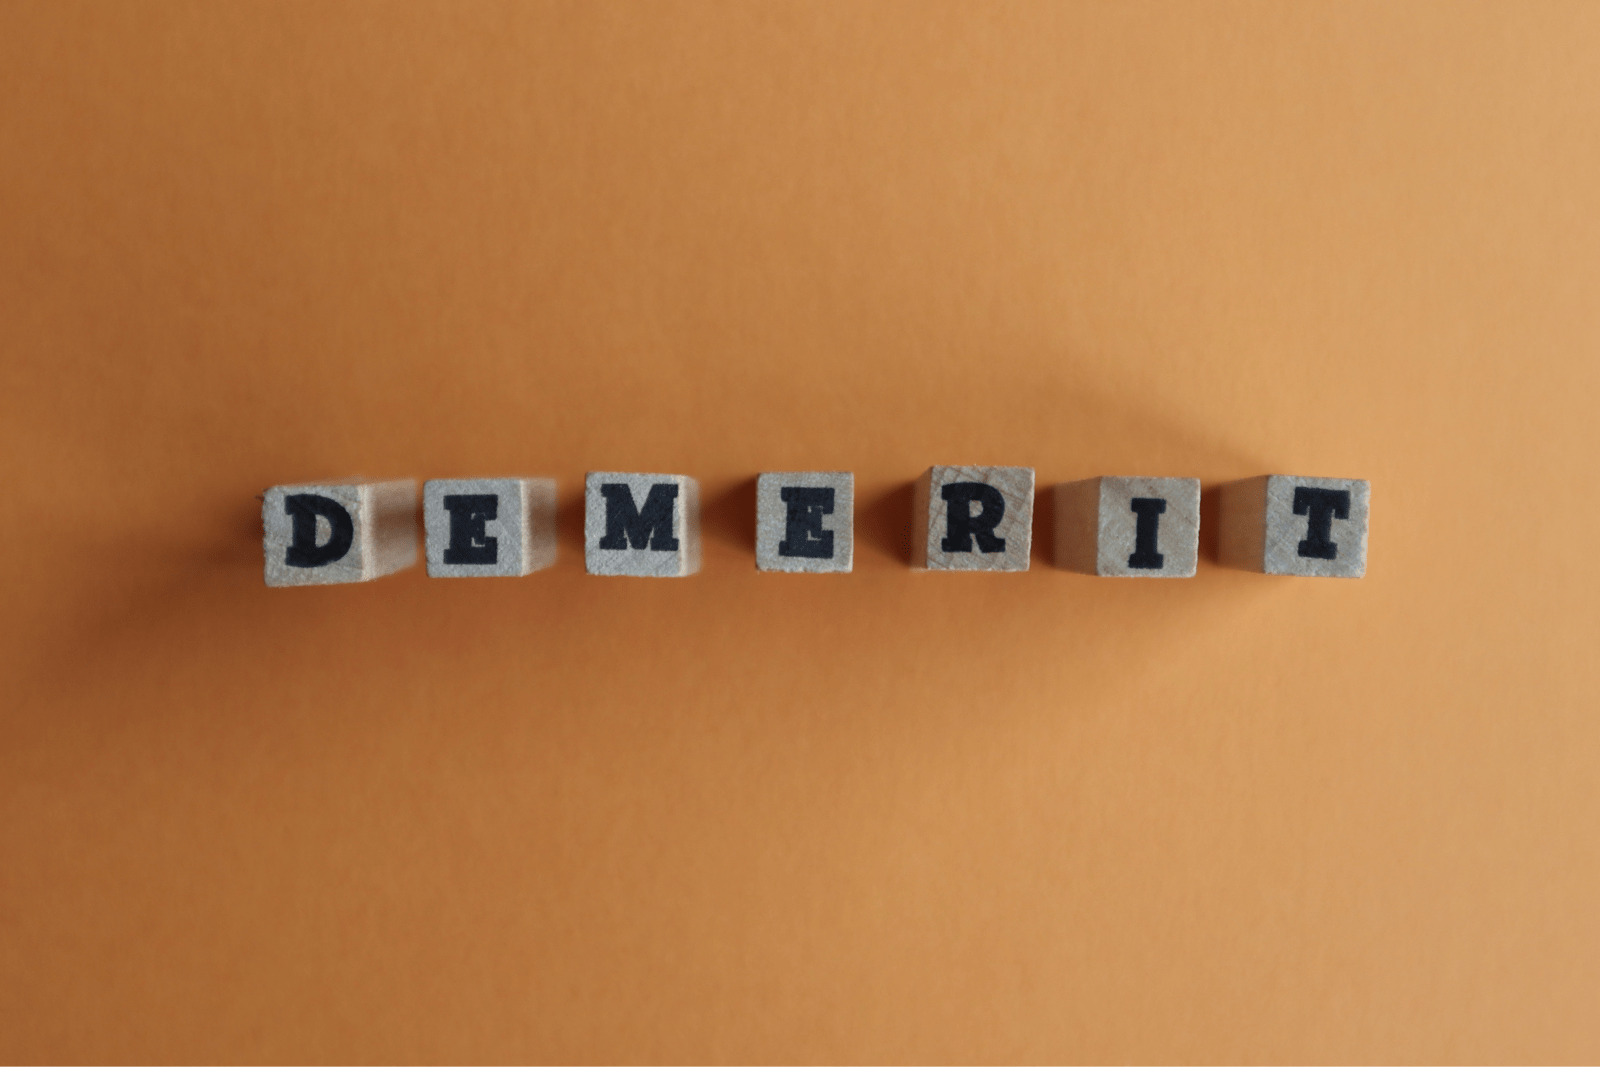 「DEMERIT」と印字された木のブロック